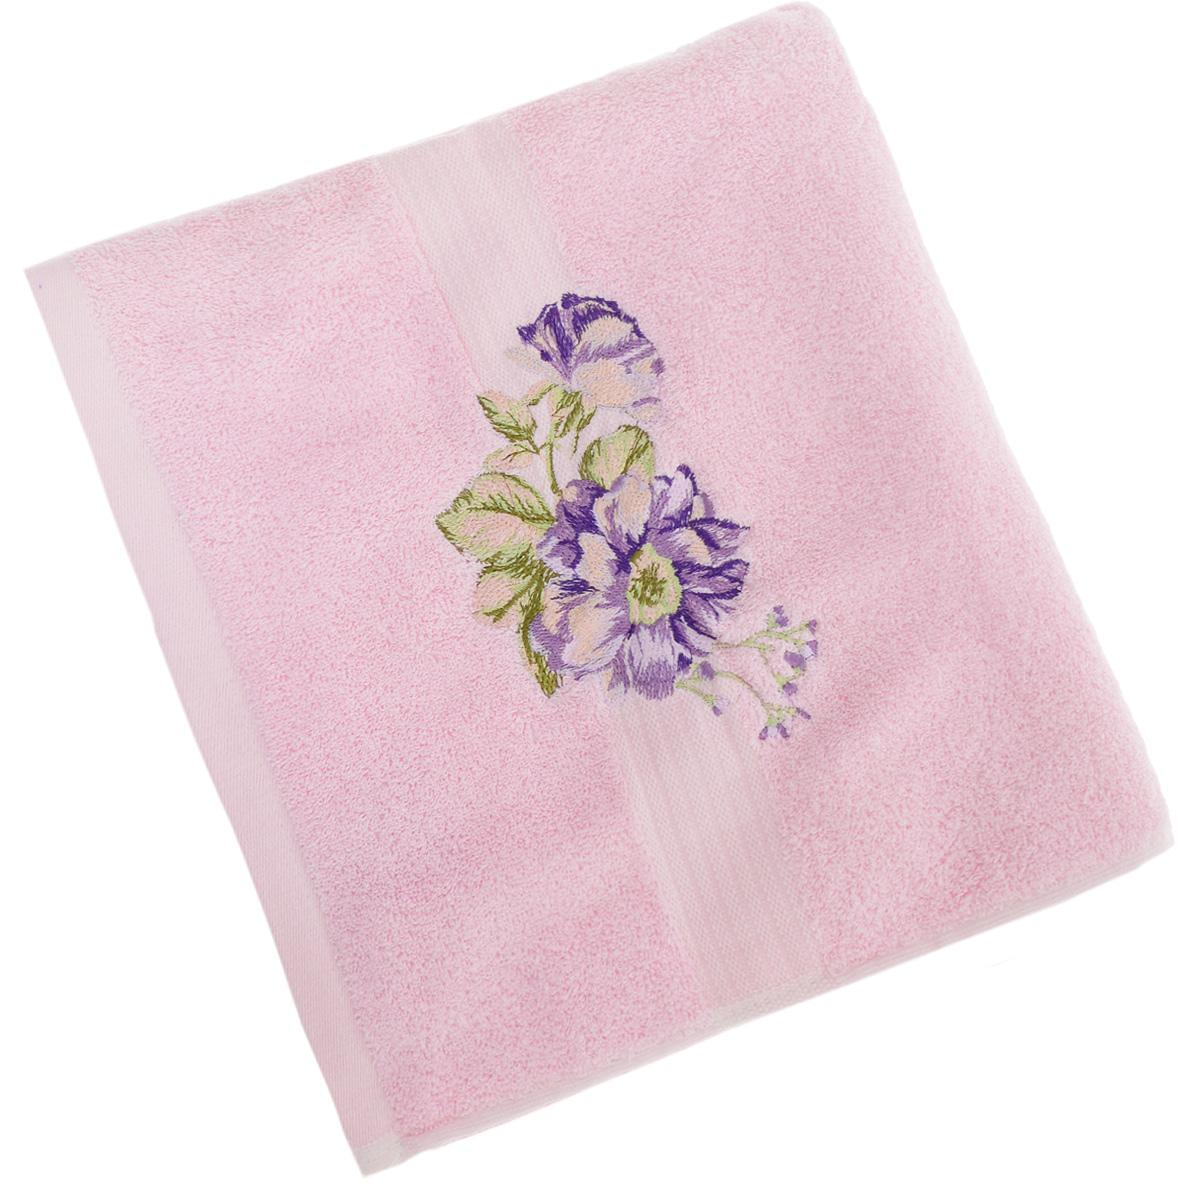 Полотенце Soavita Пион, цвет: розовый, 70 х 140 см51826Полотенце Soavita Пион выполнено из 100% хлопка. Изделие отлично впитывает влагу, быстро сохнет, сохраняет яркость цвета и не теряет форму даже после многократных стирок. Полотенце очень практично и неприхотливо в уходе. Оно создаст прекрасное настроение и украсит интерьер в ванной комнате.